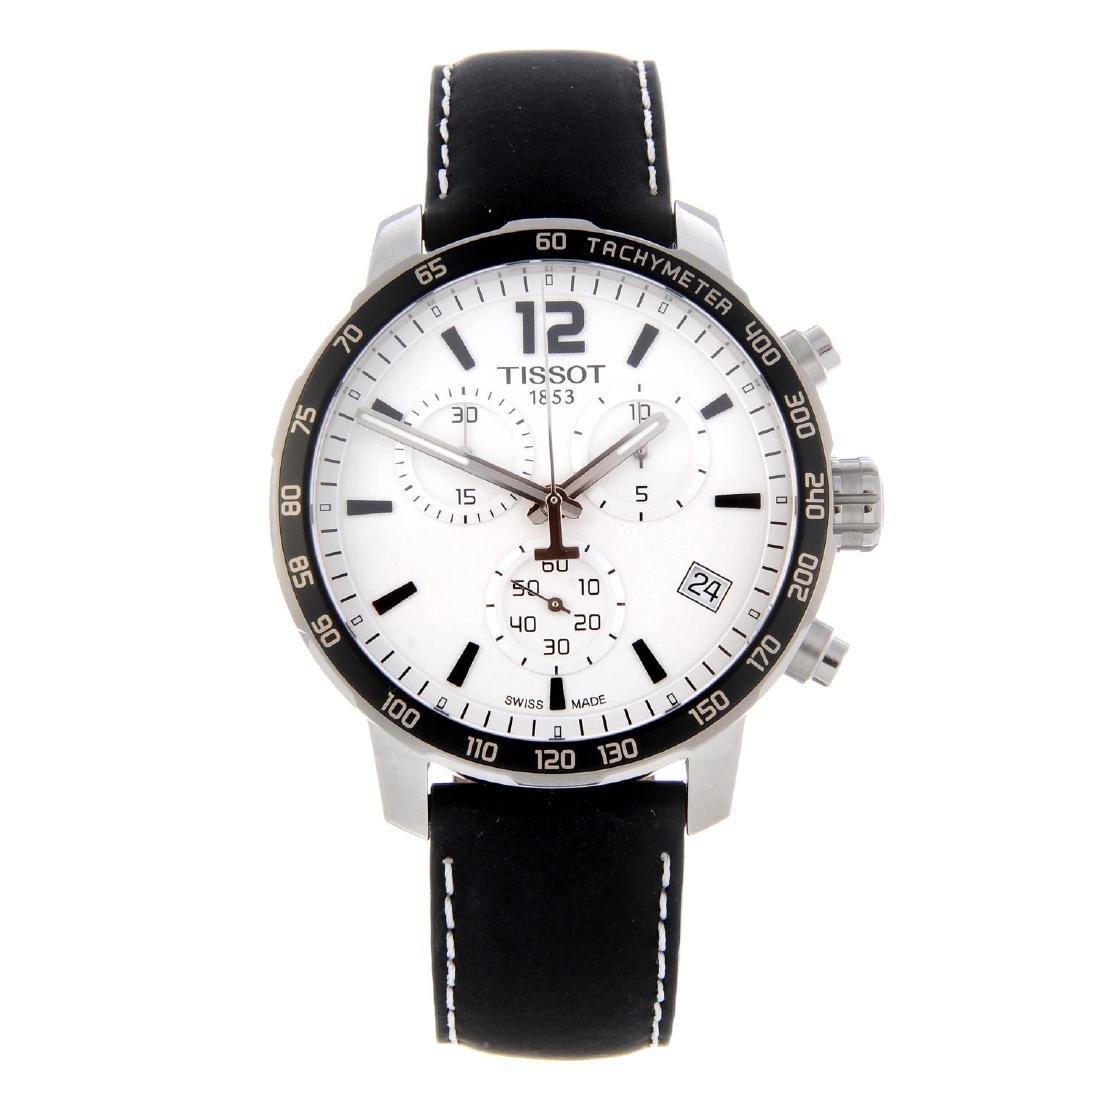 TISSOT - a gentleman's Quickster chronograph wrist